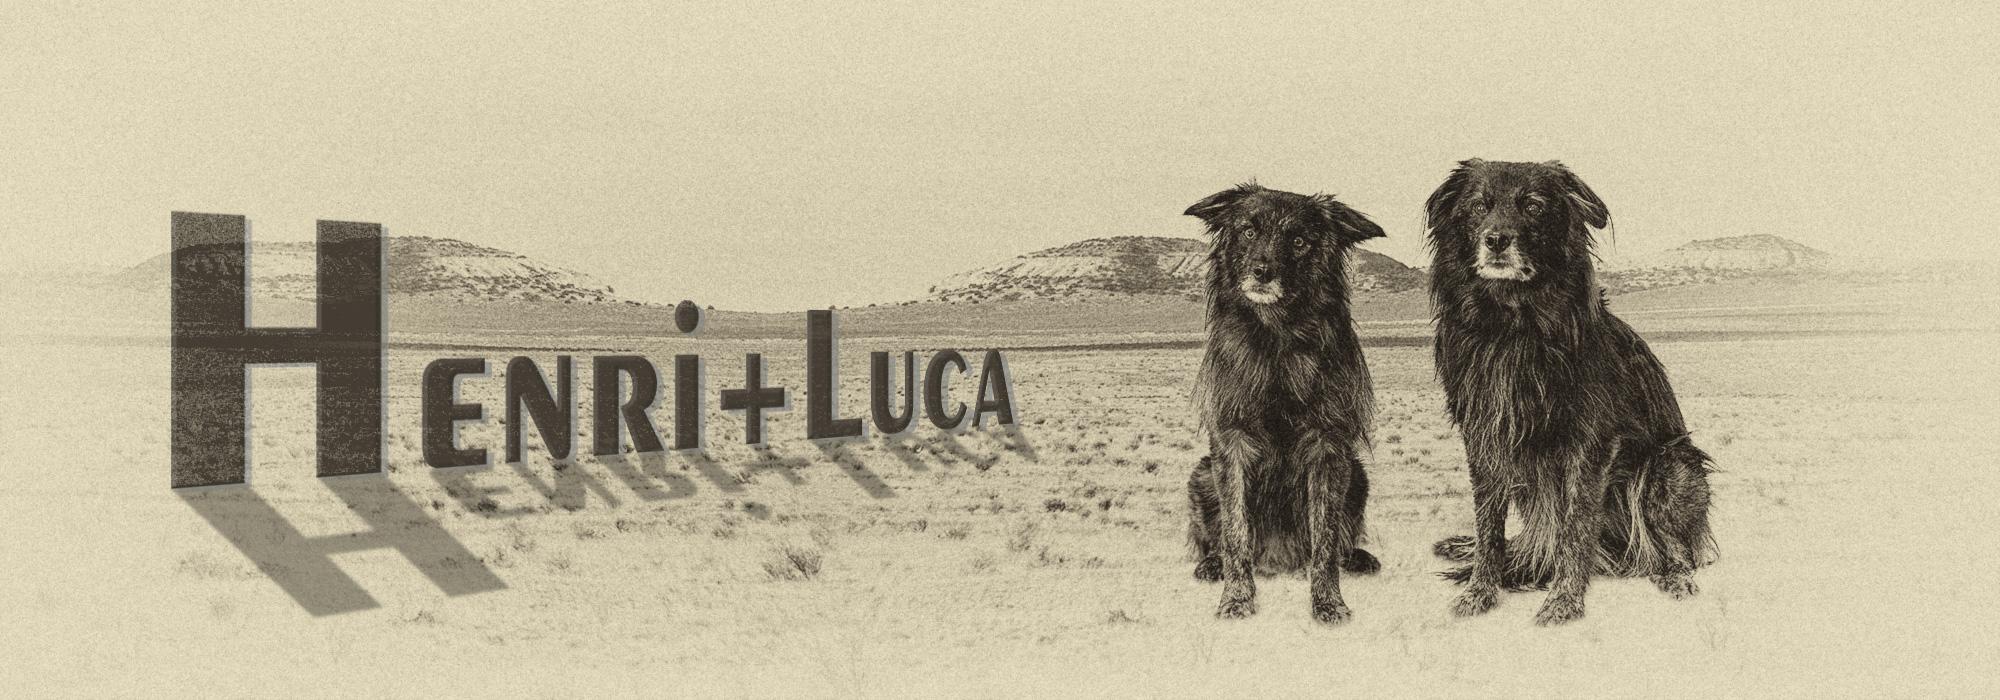 Luca+Henri